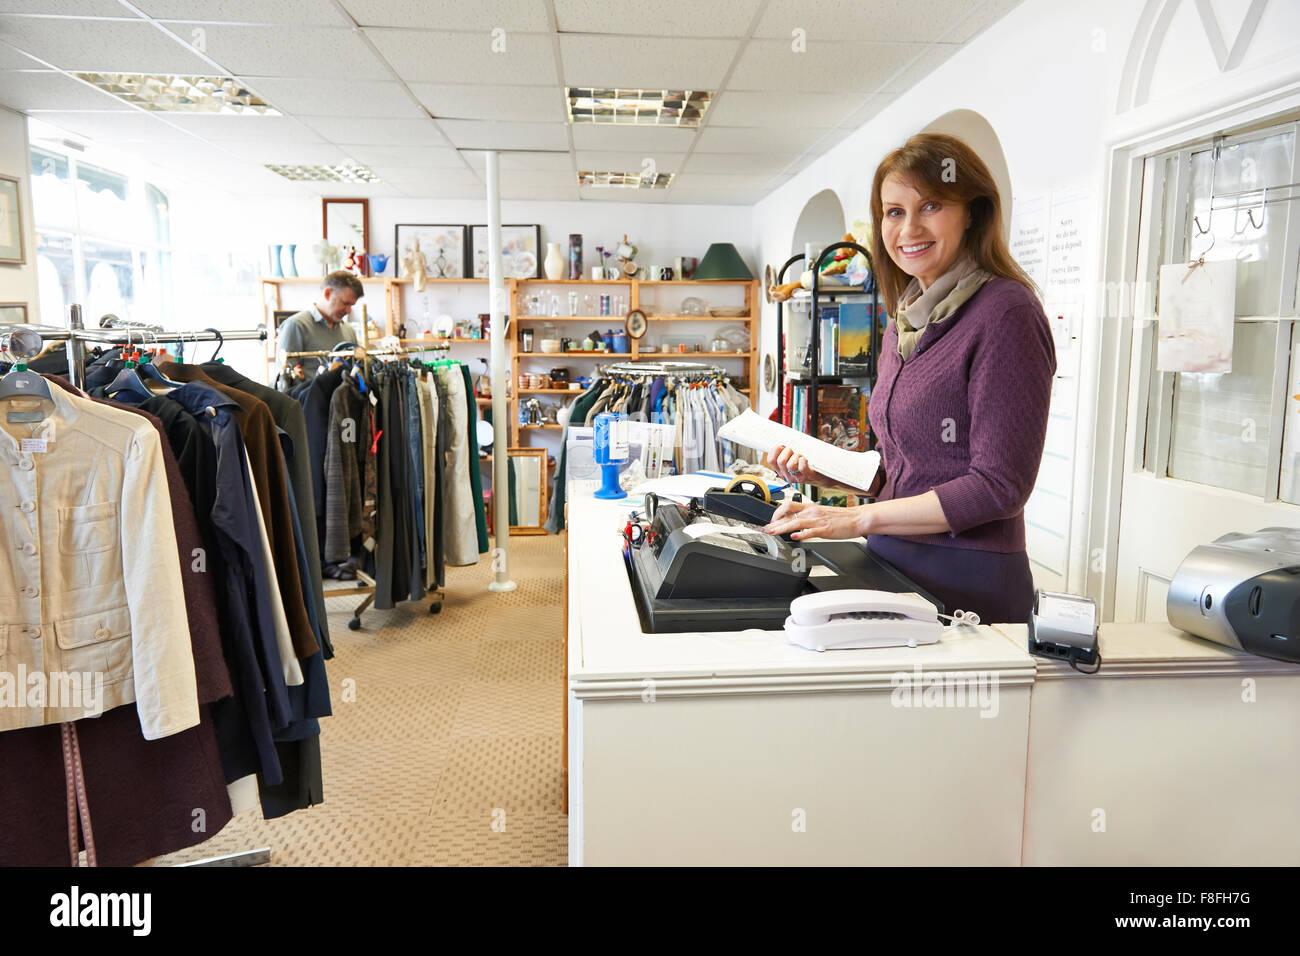 Volunteer Working In Charity Shop - Stock Image